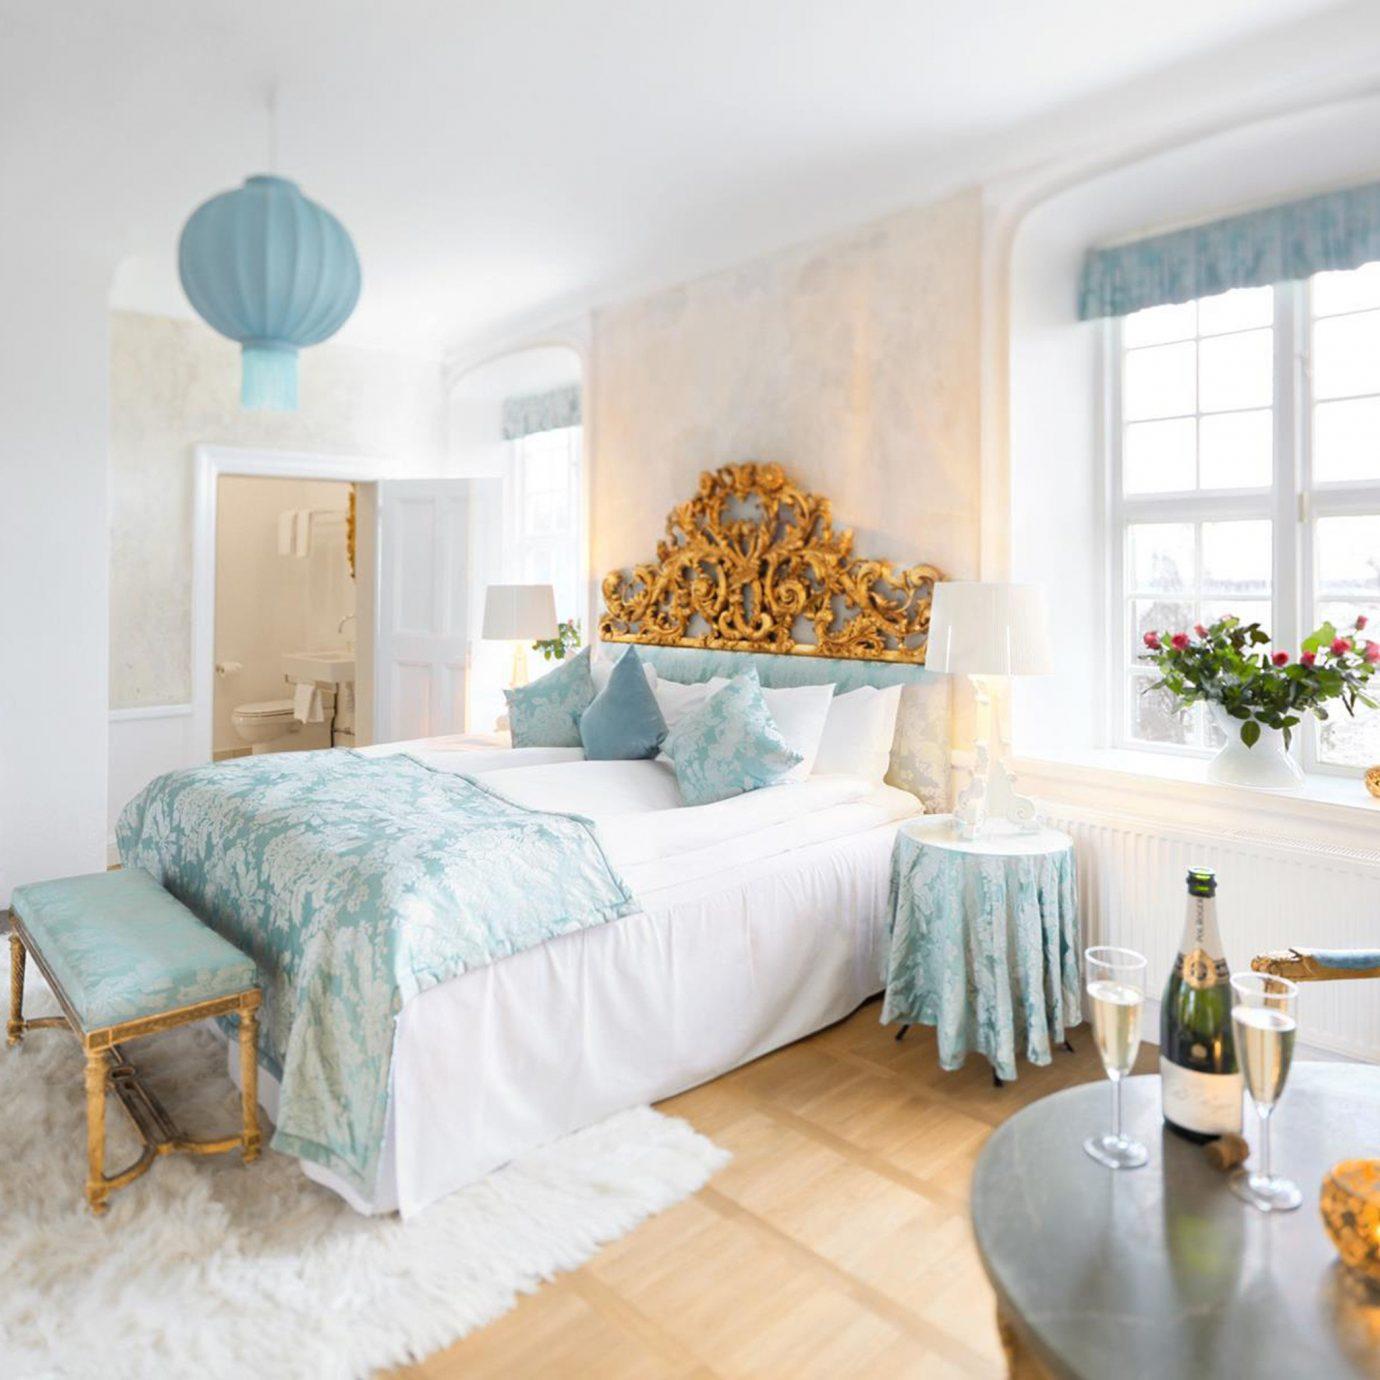 Denmark Finland Hotels Landmarks Luxury Travel Sweden property Bedroom living room home cottage Suite Villa farmhouse